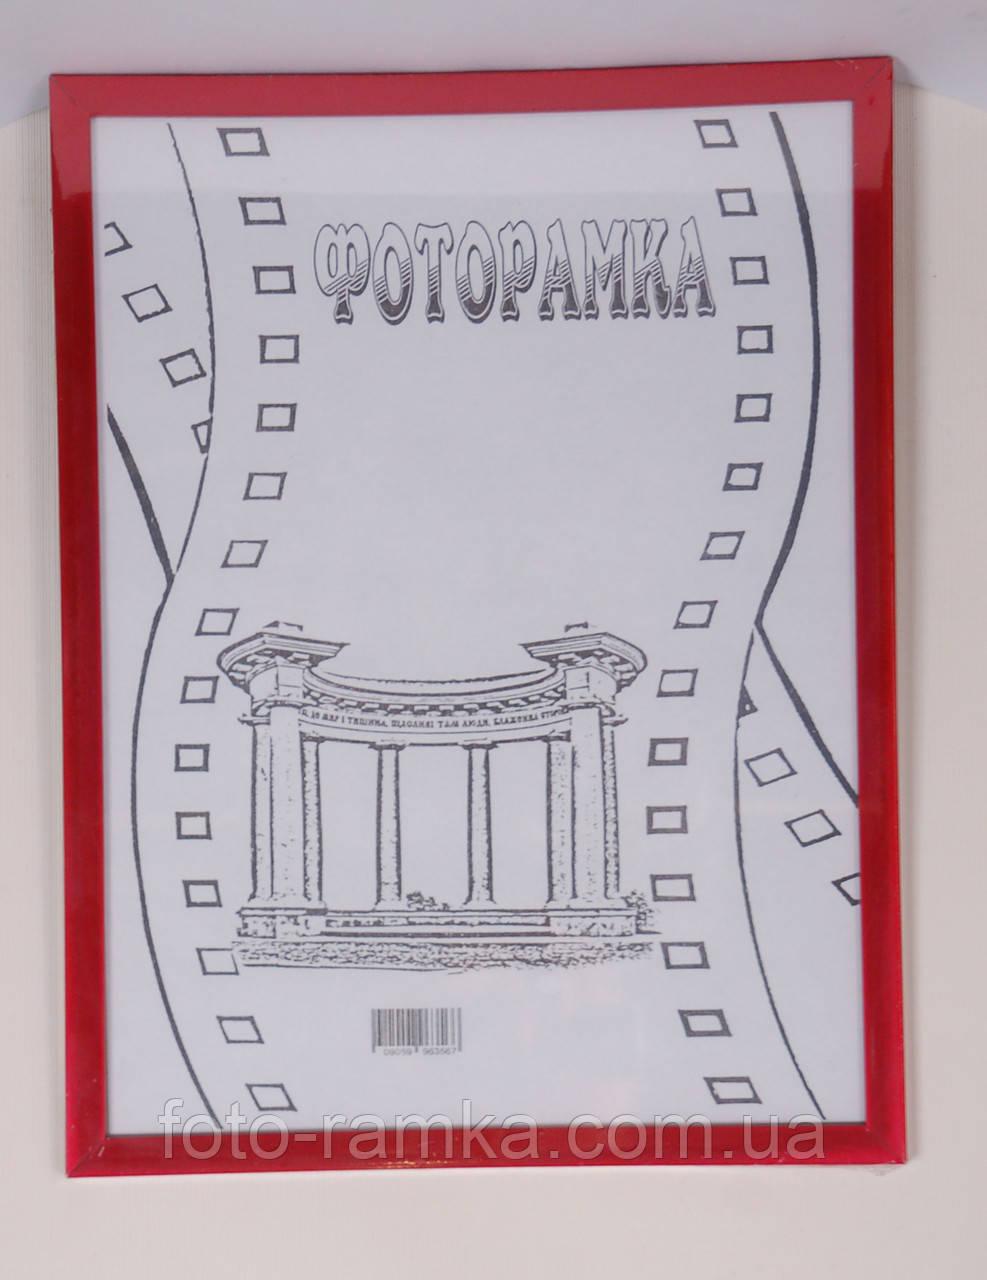 Рамка 10х15 багет 1611 колор - ФОП Калюжный В. А. в Полтаве